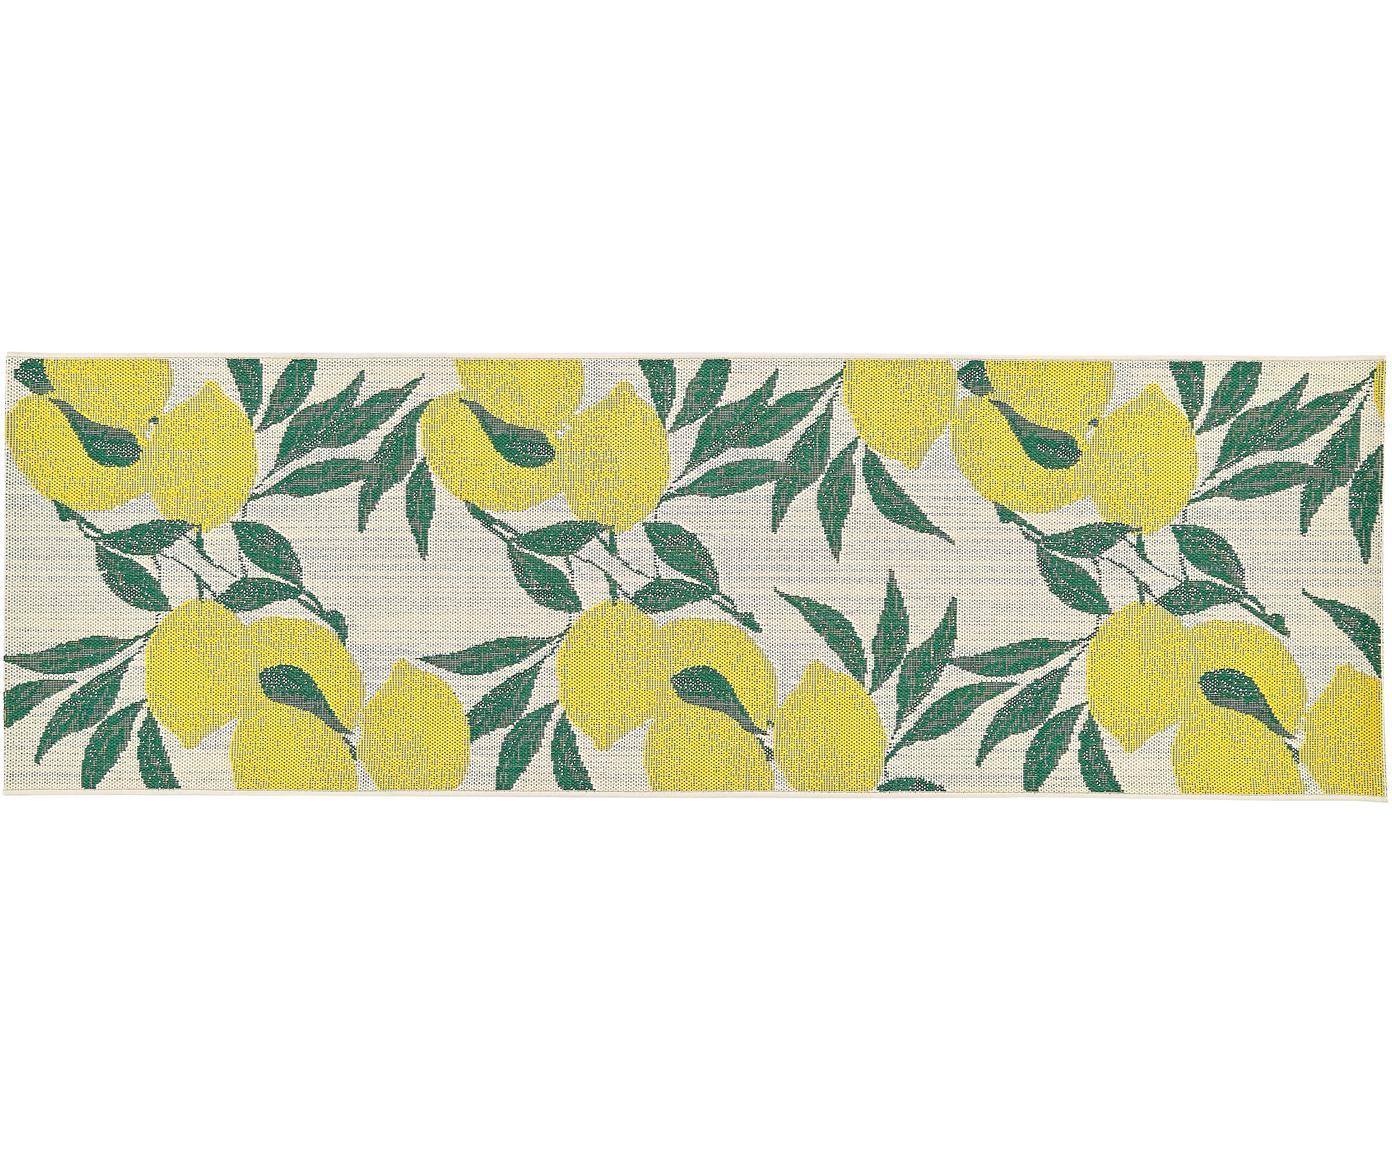 Tappeto da interno-esterno Limonia, Retro: poliestere, Bianco crema, giallo, verde, Larg. 80 x Lung. 250 cm